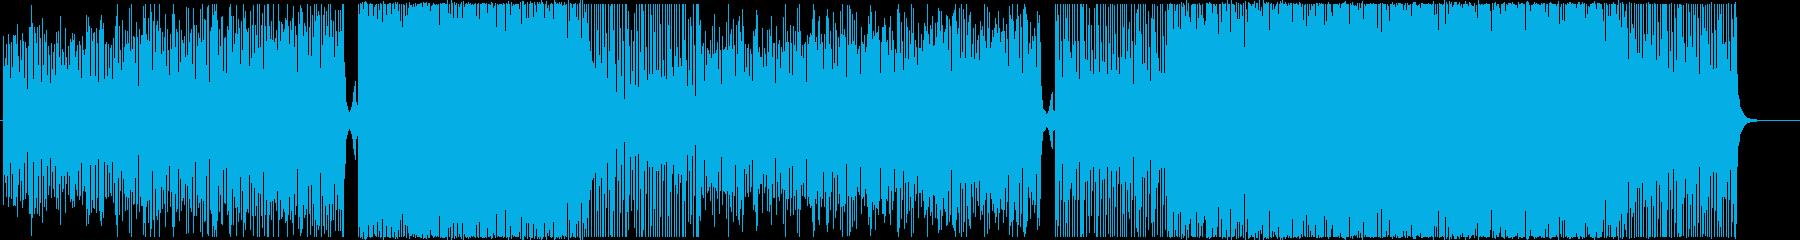 EDM-ハウス-感動-空撮-観光-花火の再生済みの波形